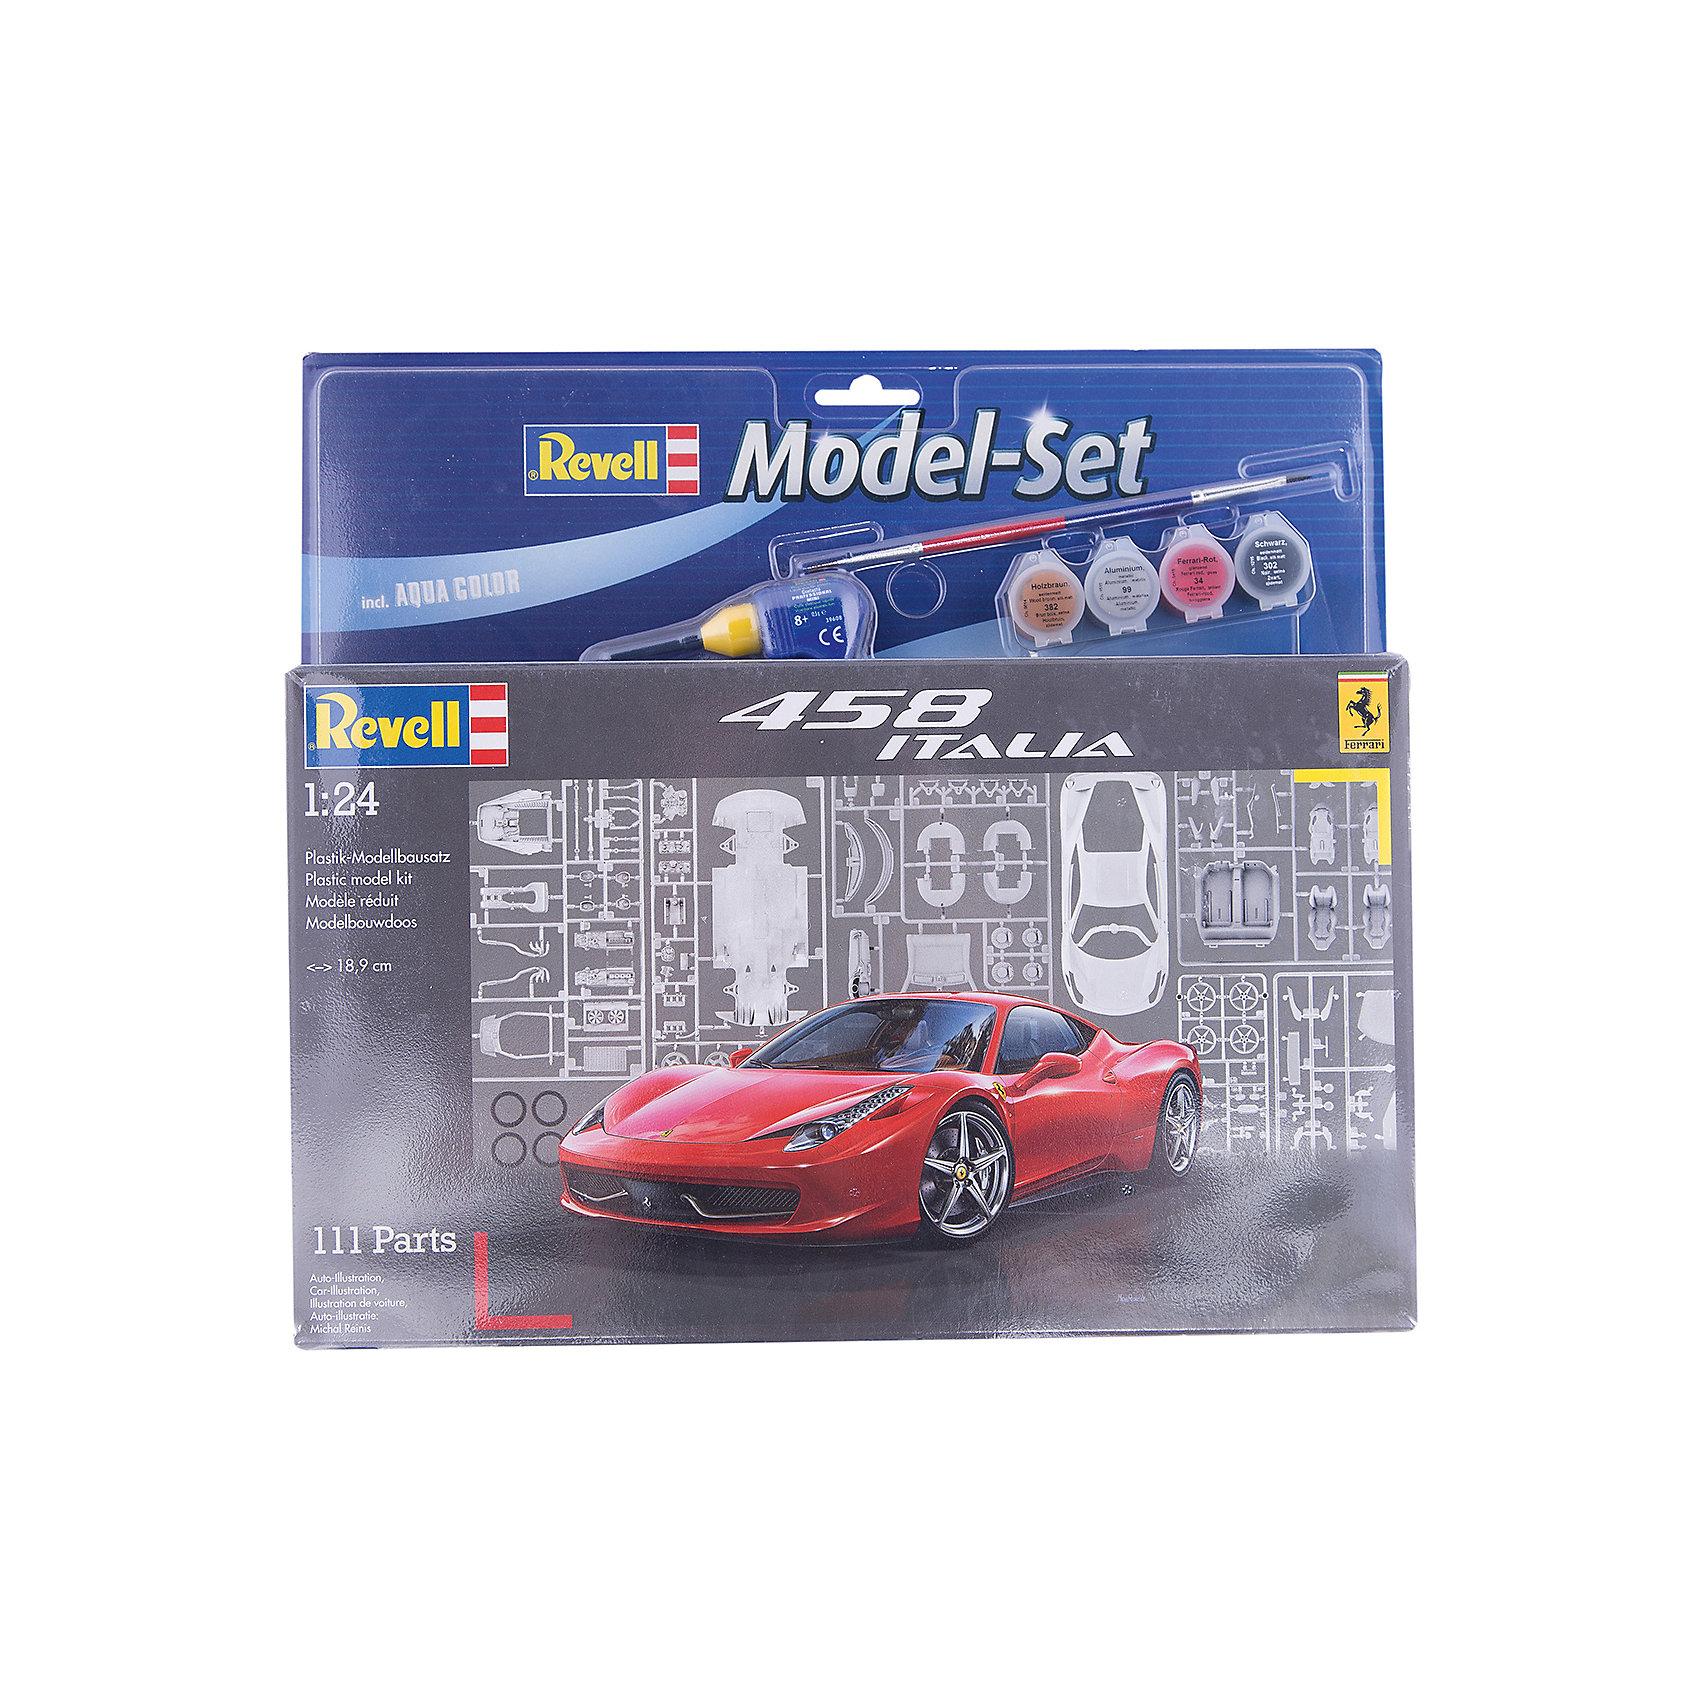 Автомобиль Ferrari, RevellМашинки<br>Автомобиль Ferrari, Revell (Ревелл) –  максимально детализированная модель станет украшением комнаты и дополнением коллекции.<br>Модель автомобиля Ferrari 458 Italia является уменьшенной копией одноименного спортивного автомобиля, впервые выпущенного в Италии в 2009 году. Модель состоит из 111 деталей, которые необходимо собрать, склеить и покрыть краской в соответствии с инструкцией. В наборе также прилагаются клей в удобной упаковке, краски и кисточка. Модель тщательно проработана. Оригинальный кузов выполнен в мельчайших подробностях, а интерьер машины с подлинной приборной панелью, креслами и управлением превосходно детализирован. Точно воспроизведены диски колес, тормоза, подвеска, трансмиссия, глушитель. Крышка капота открывается, под ней располагается высокодетализированный сборный 8-цилиндровый двигатель. А для ещё большей достоверности, некоторые части модели имеют блестящее металлическое напыление. Разработанная для детей от 10 лет, сборная модель знаменитого суперкара Ferrari 458 Italia, определённо, принесёт массу положительных эмоций и взрослым любителям моделирования. Моделирование считается одним из наиболее полезных хобби, ведь оно развивает интеллектуальные и инструментальные способности, воображение и конструктивное мышление. Прививает практические навыки работы со схемами и чертежами.<br><br>Дополнительная информация:<br><br>- Возраст: для детей старше 10-и лет<br>- В наборе: комплект пластиковых деталей для сборки модели, достоверная декаль с номерами нескольких стран (D, NL, F, CH, I, GB), базовые акриловые краски, клей, кисточка, инструкция<br>- Количество деталей: 111 шт.<br>- Масштаб: 1:24.<br>- Длина модели: 189 мм.<br>- Уровень сложности: 3 (из 5)<br>- Дополнительно потребуются: кусачки, для того чтобы отделить детали с литников<br>- Краски из набора можно разбавлять обычной водой или фирменным растворителем Revell (Ревелл)<br><br>Модель Автомобиля Ferrari, Revell (Ревелл) можно купить в нашем интернет-м